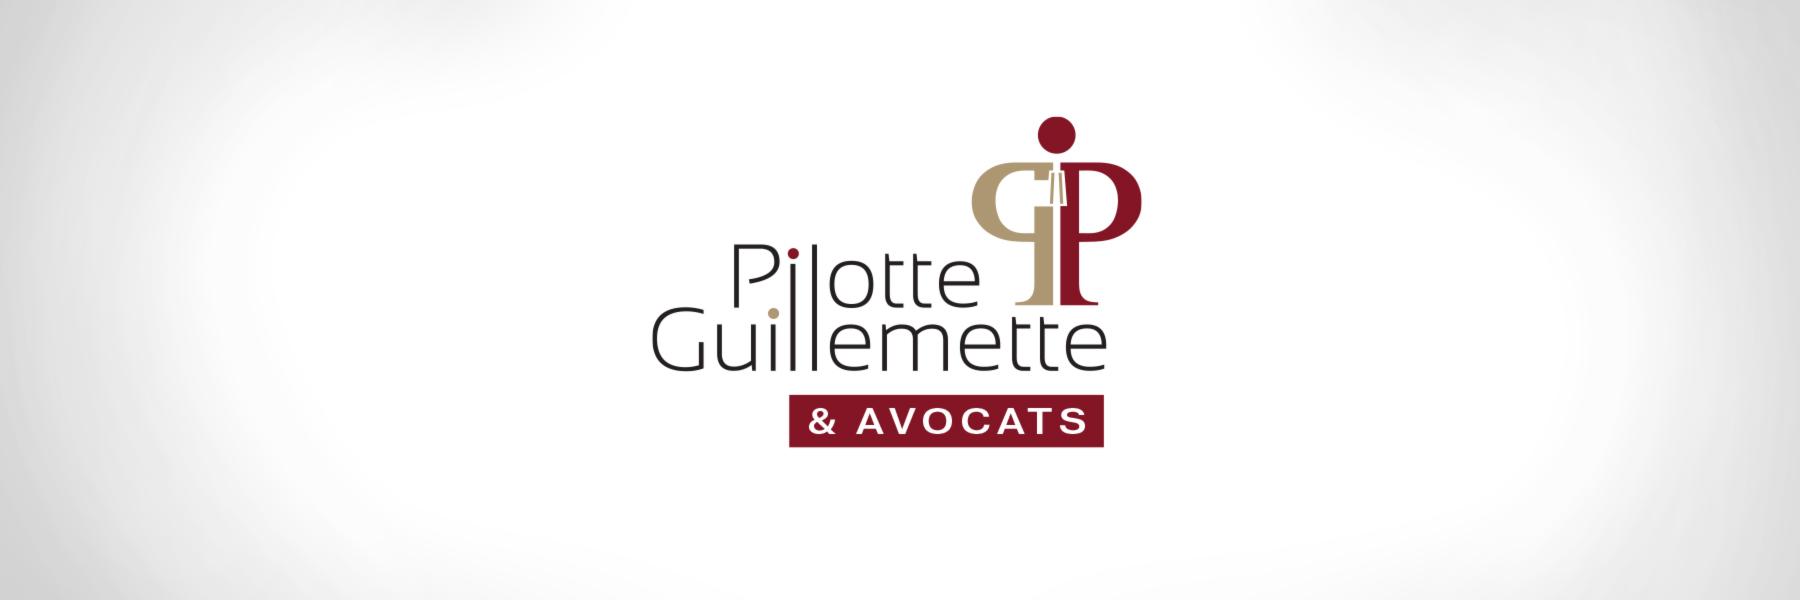 Pilotte, Guillemette & Avocats - Logo